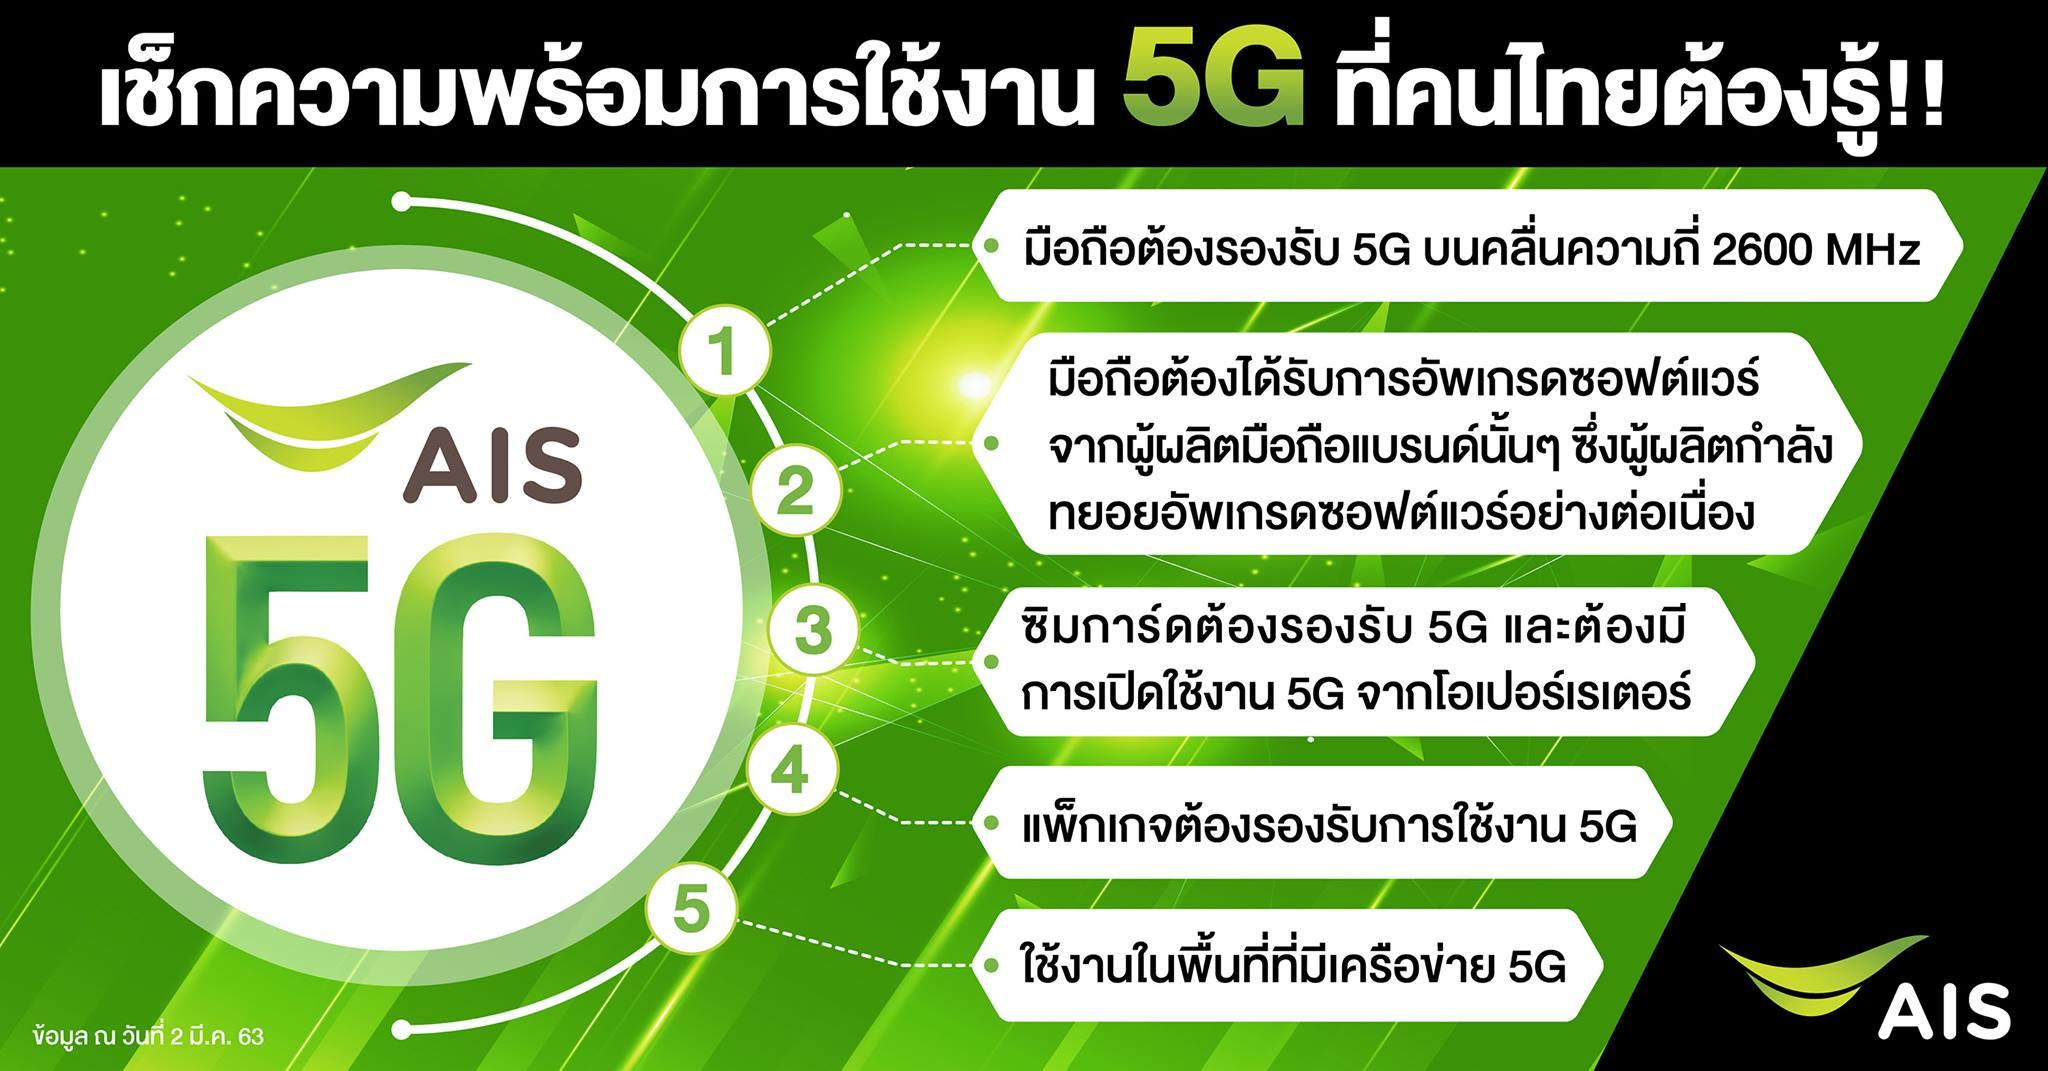 AIS เปิดให้บริการ 20G แล้ววันนี้ เป็นประเทศแรกที่ให้บริการ 20G บน ...